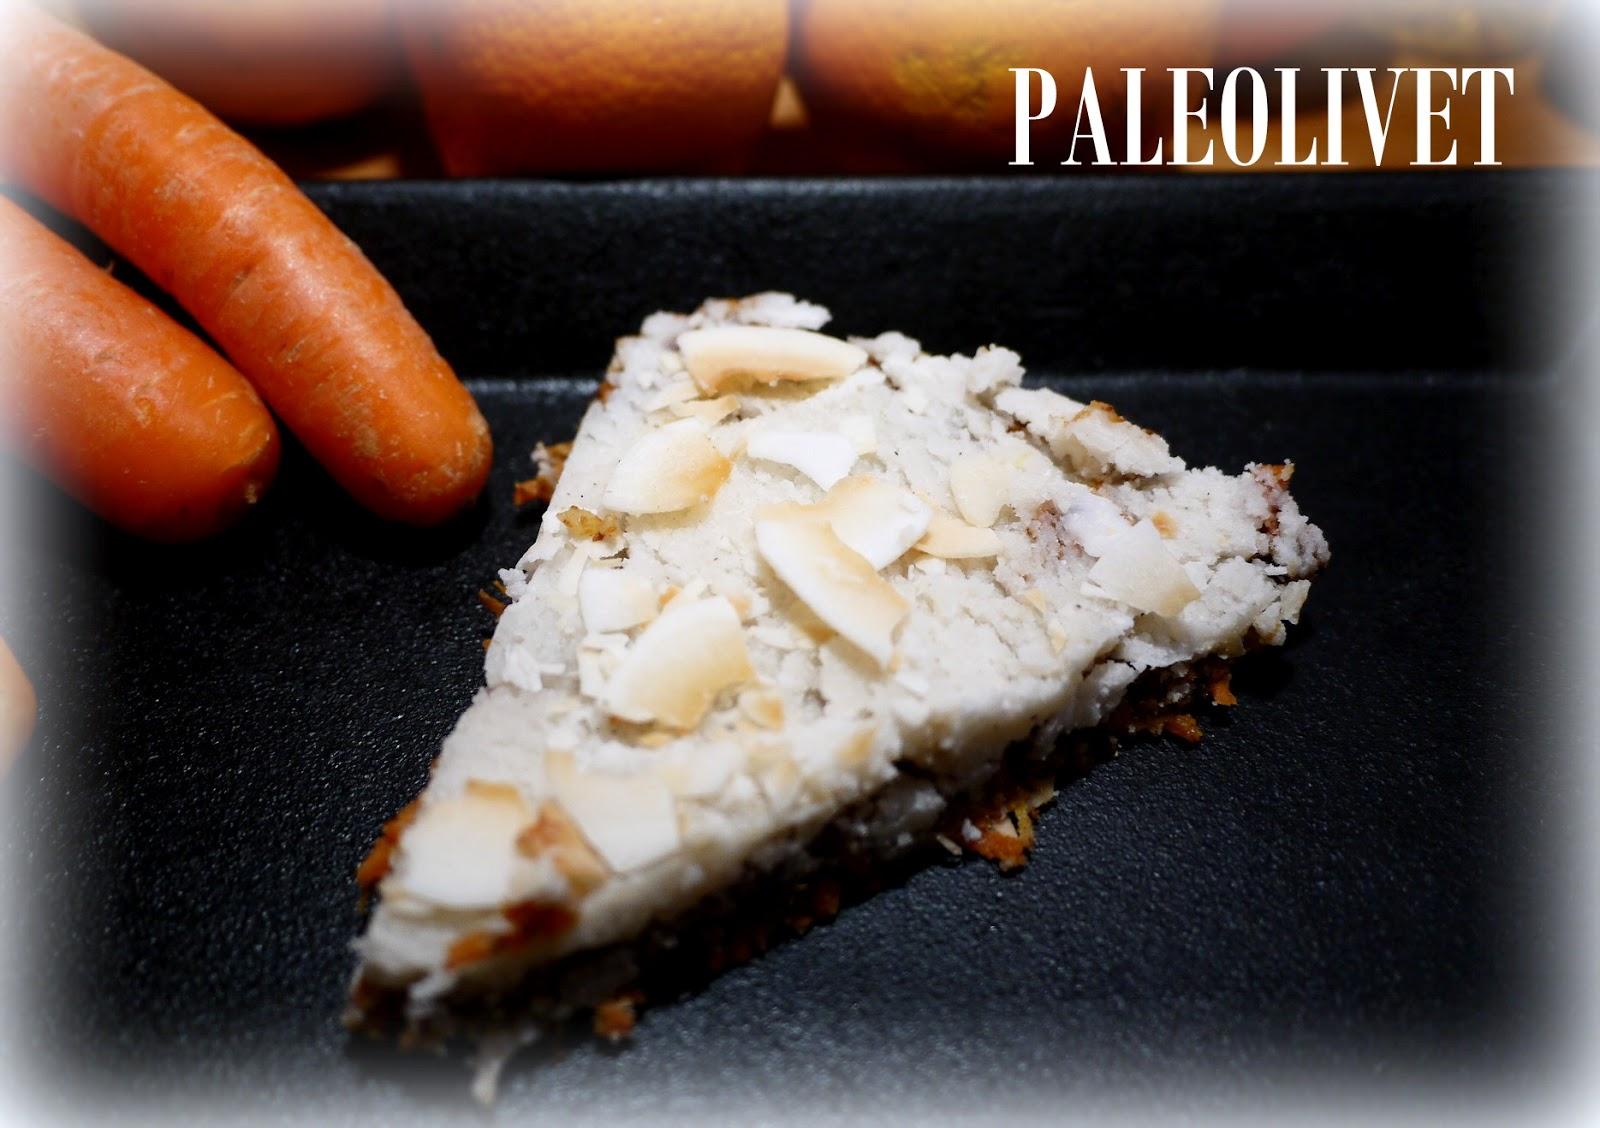 http://www.paleolivet.blogspot.dk/2014/03/raw-gulerodskage-med-kokos-citron.html